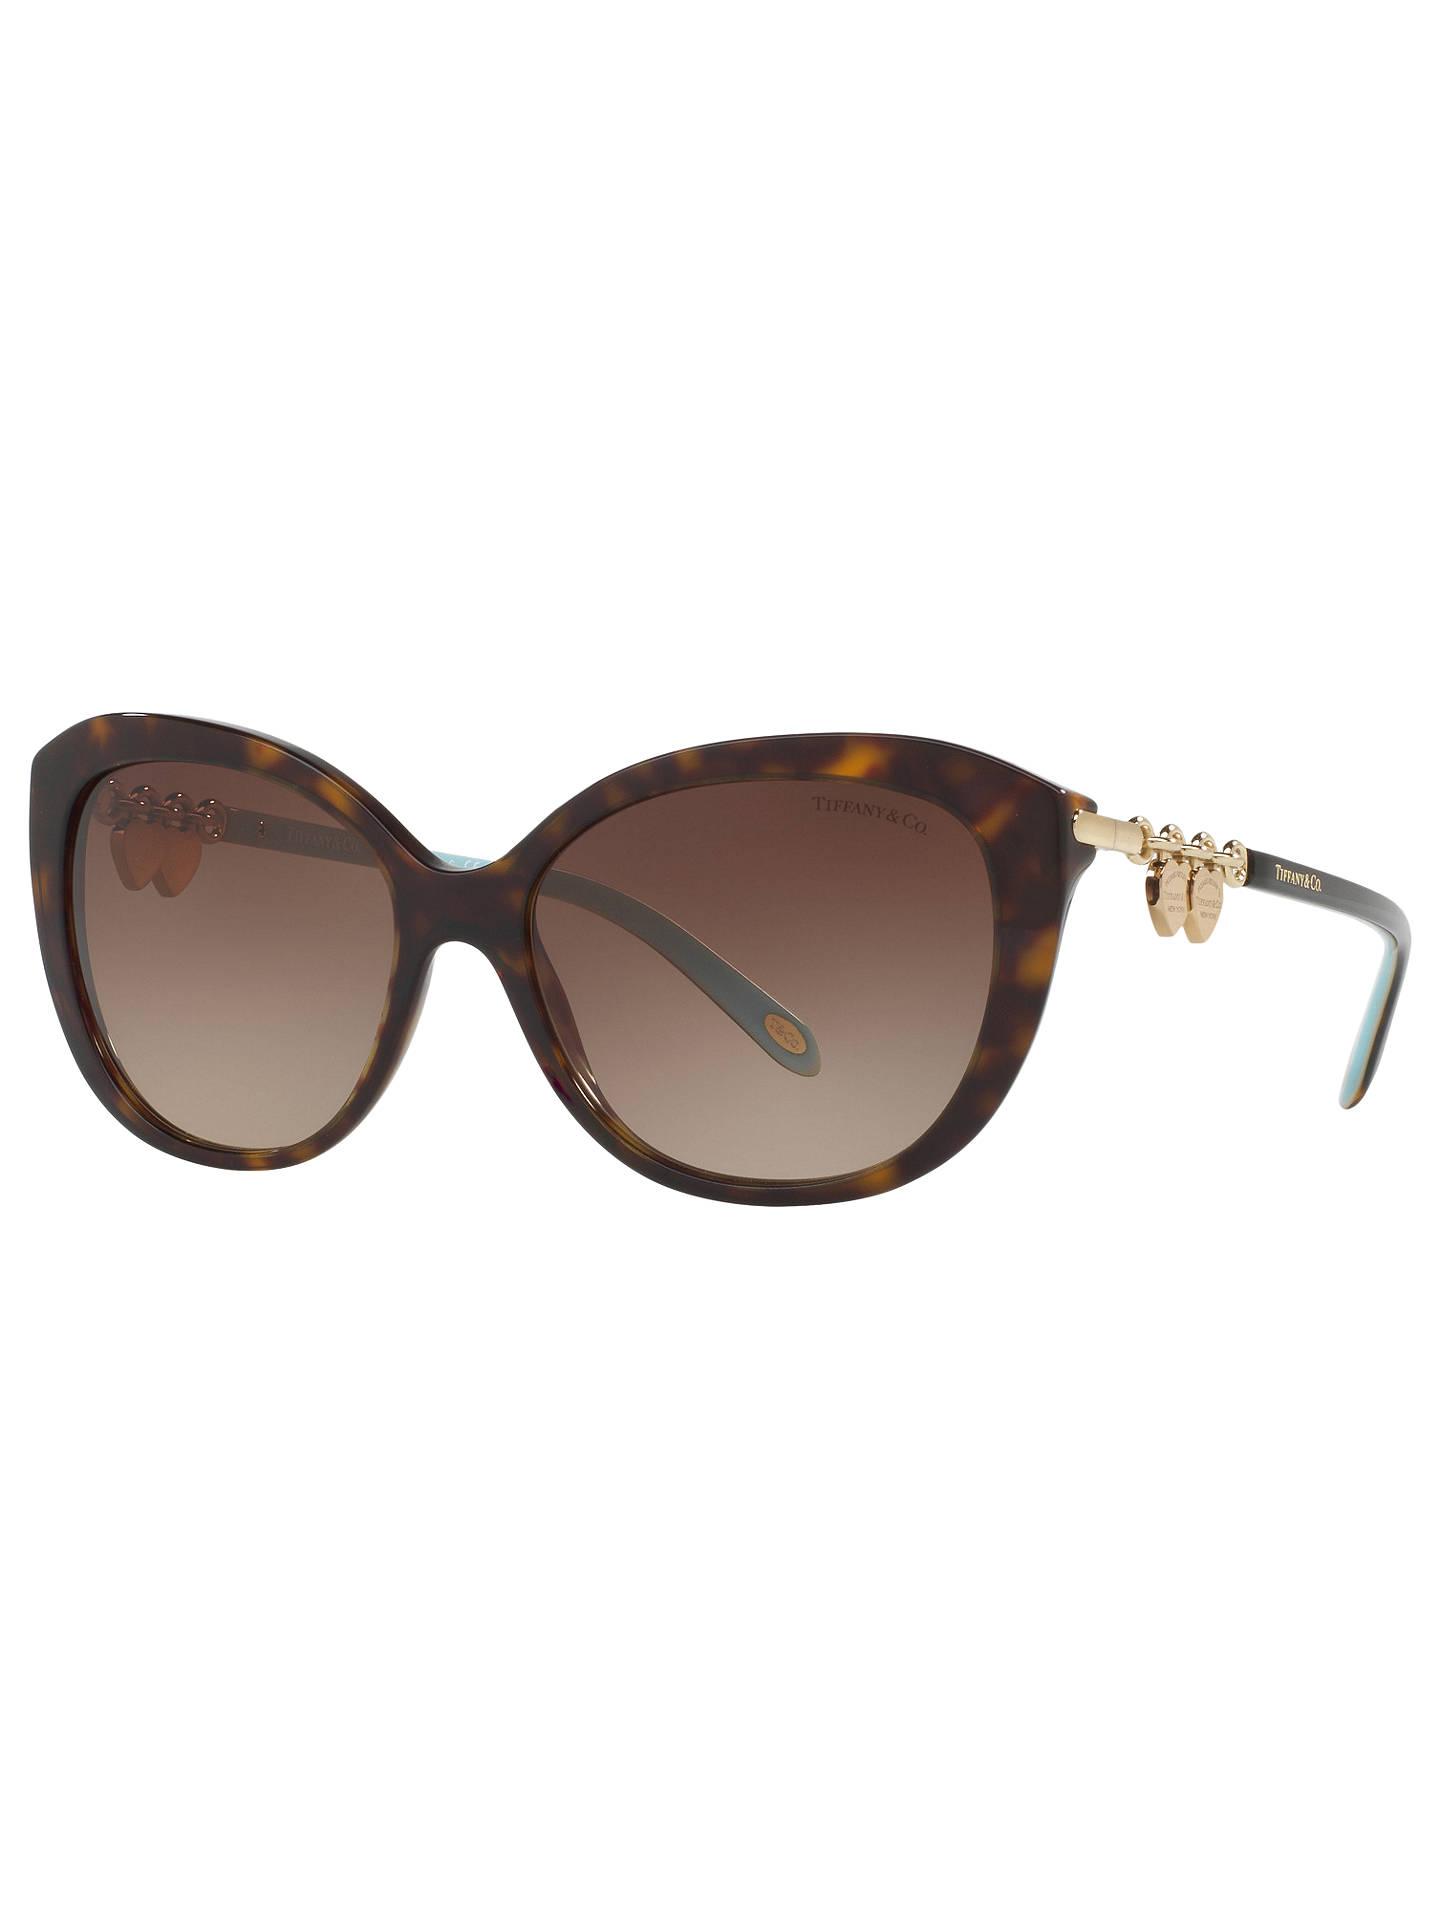 93feff1db0c Buy Tiffany   Co TF4130 Cat s Eye Sunglasses